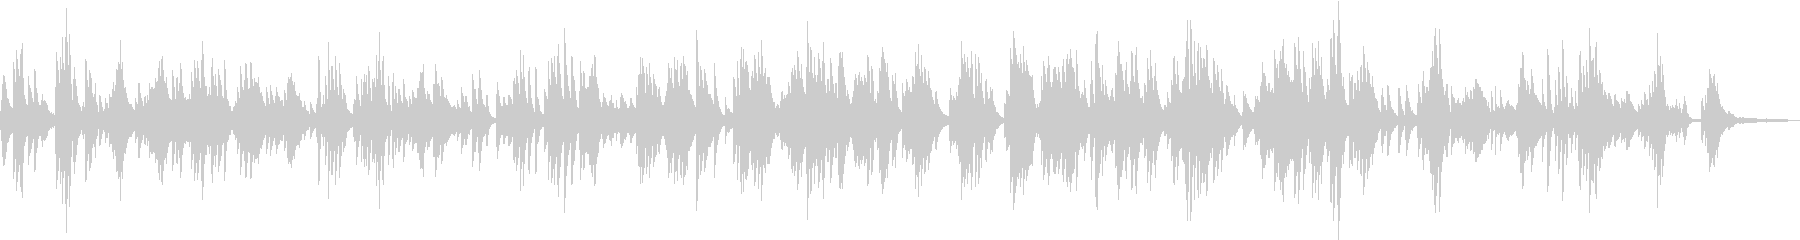 スローな落ち着いた雰囲気のピアノBGMの未再生の波形